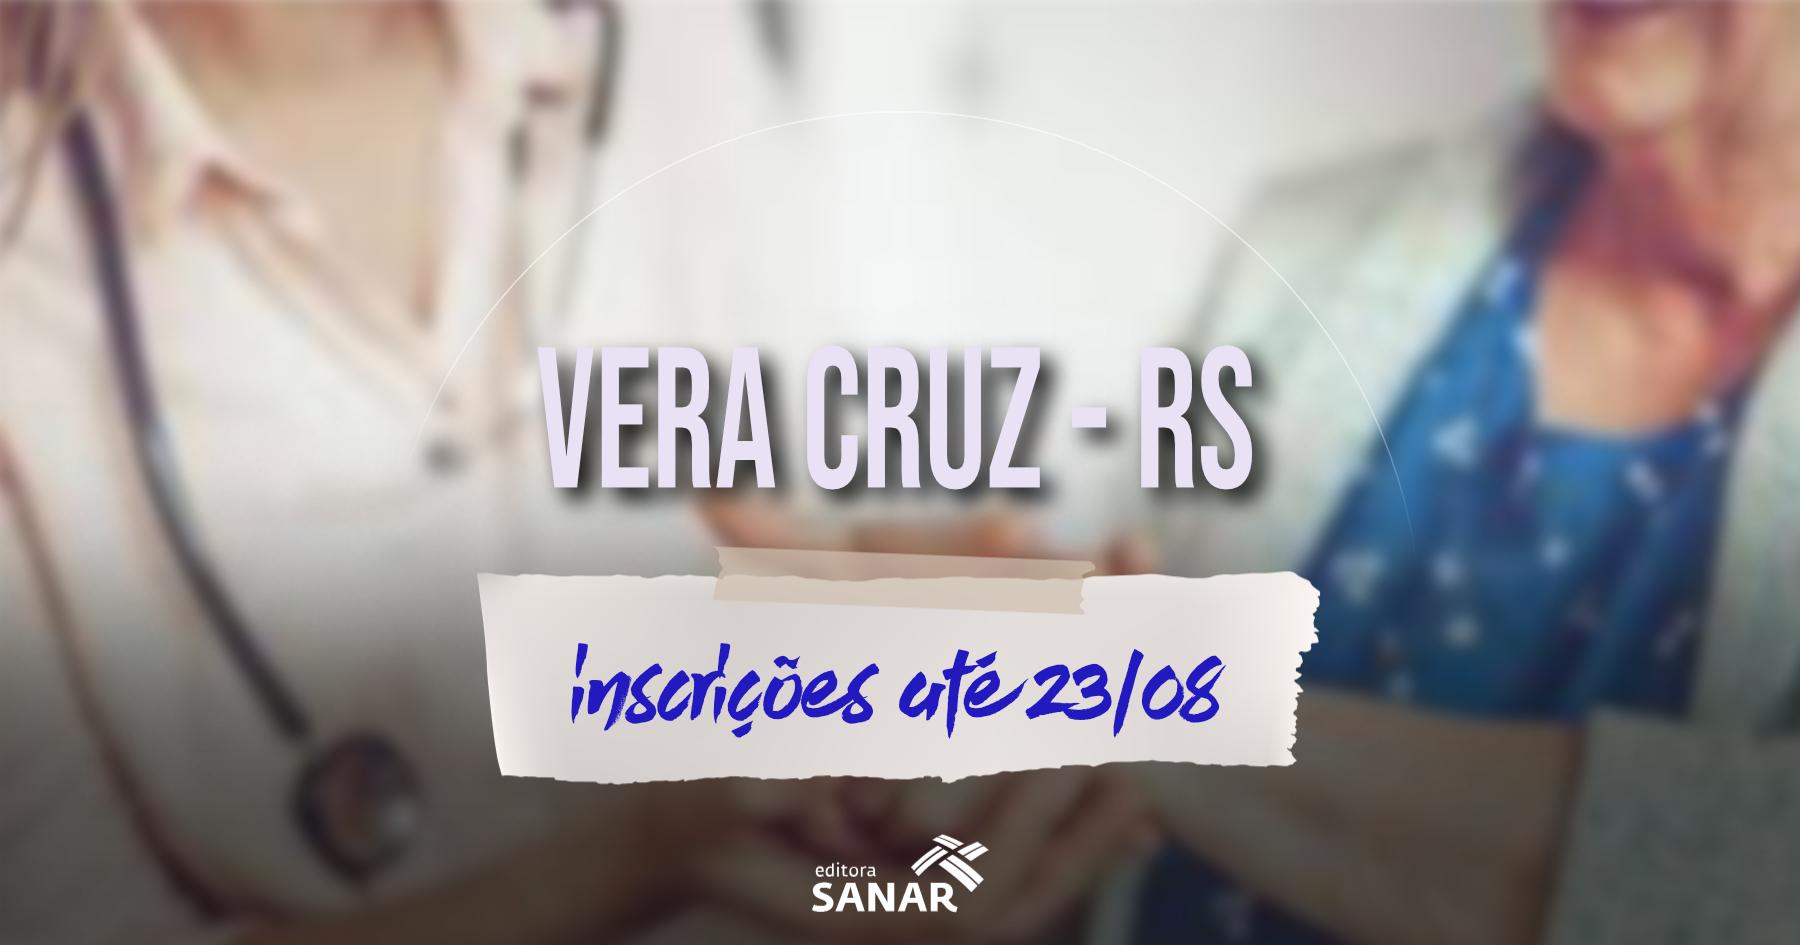 Concurso   Prefeitura de Vera Cruz (RS) divulga edital